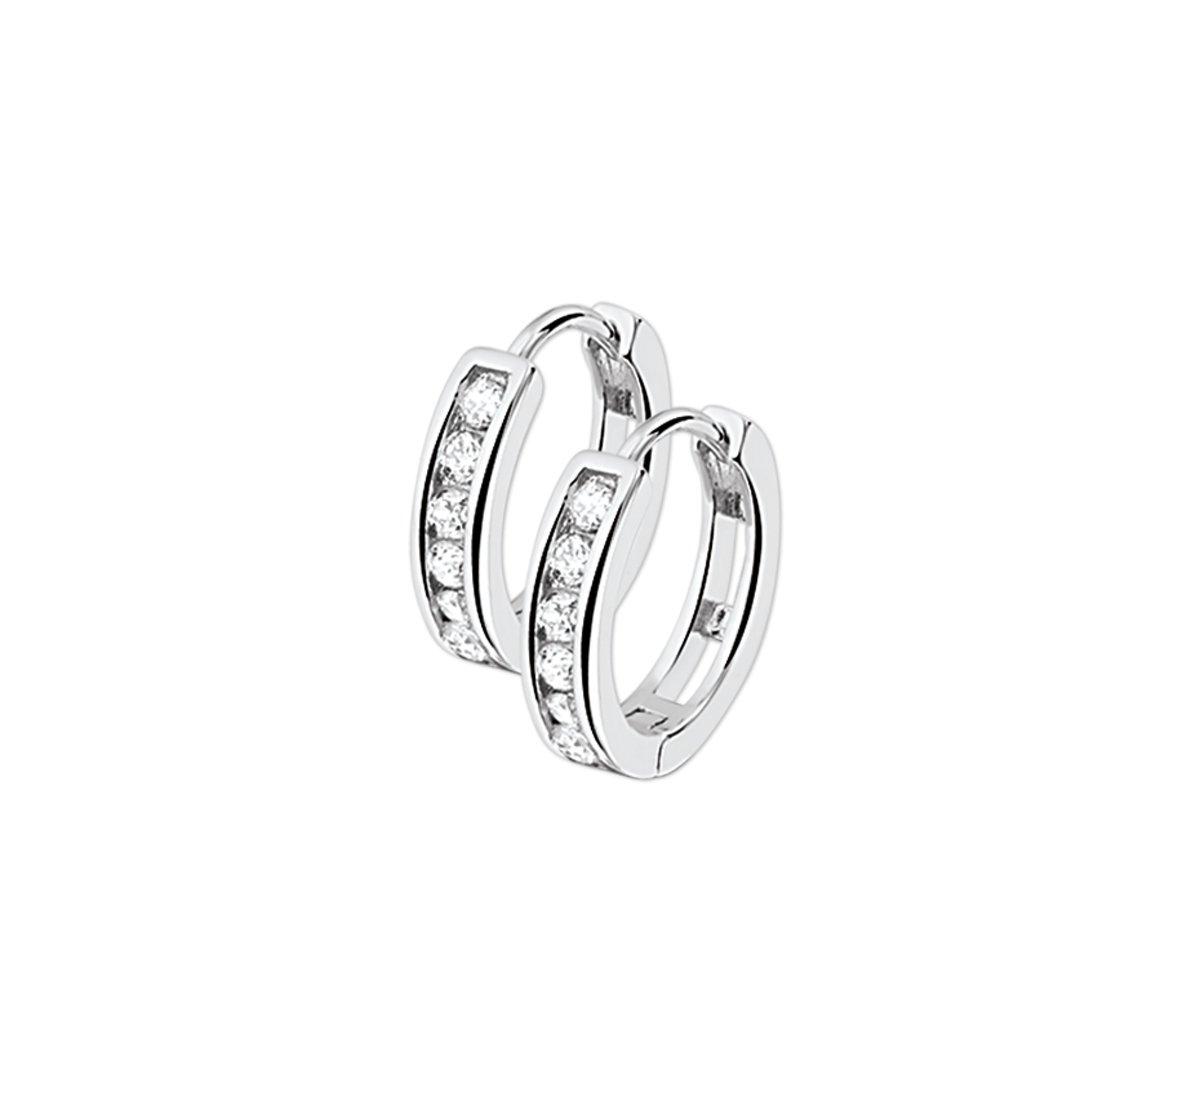 The Jewelry Collection Klapoorringen Zirkonia - Zilver kopen